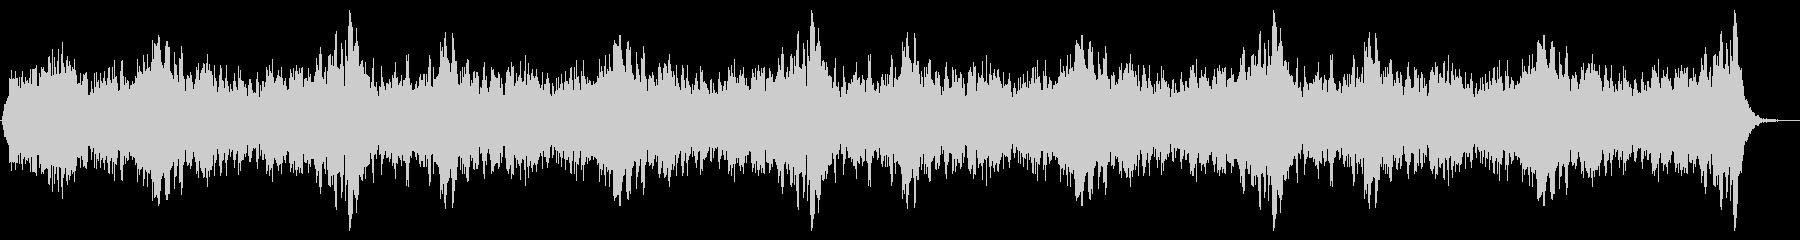 ホラー09の未再生の波形